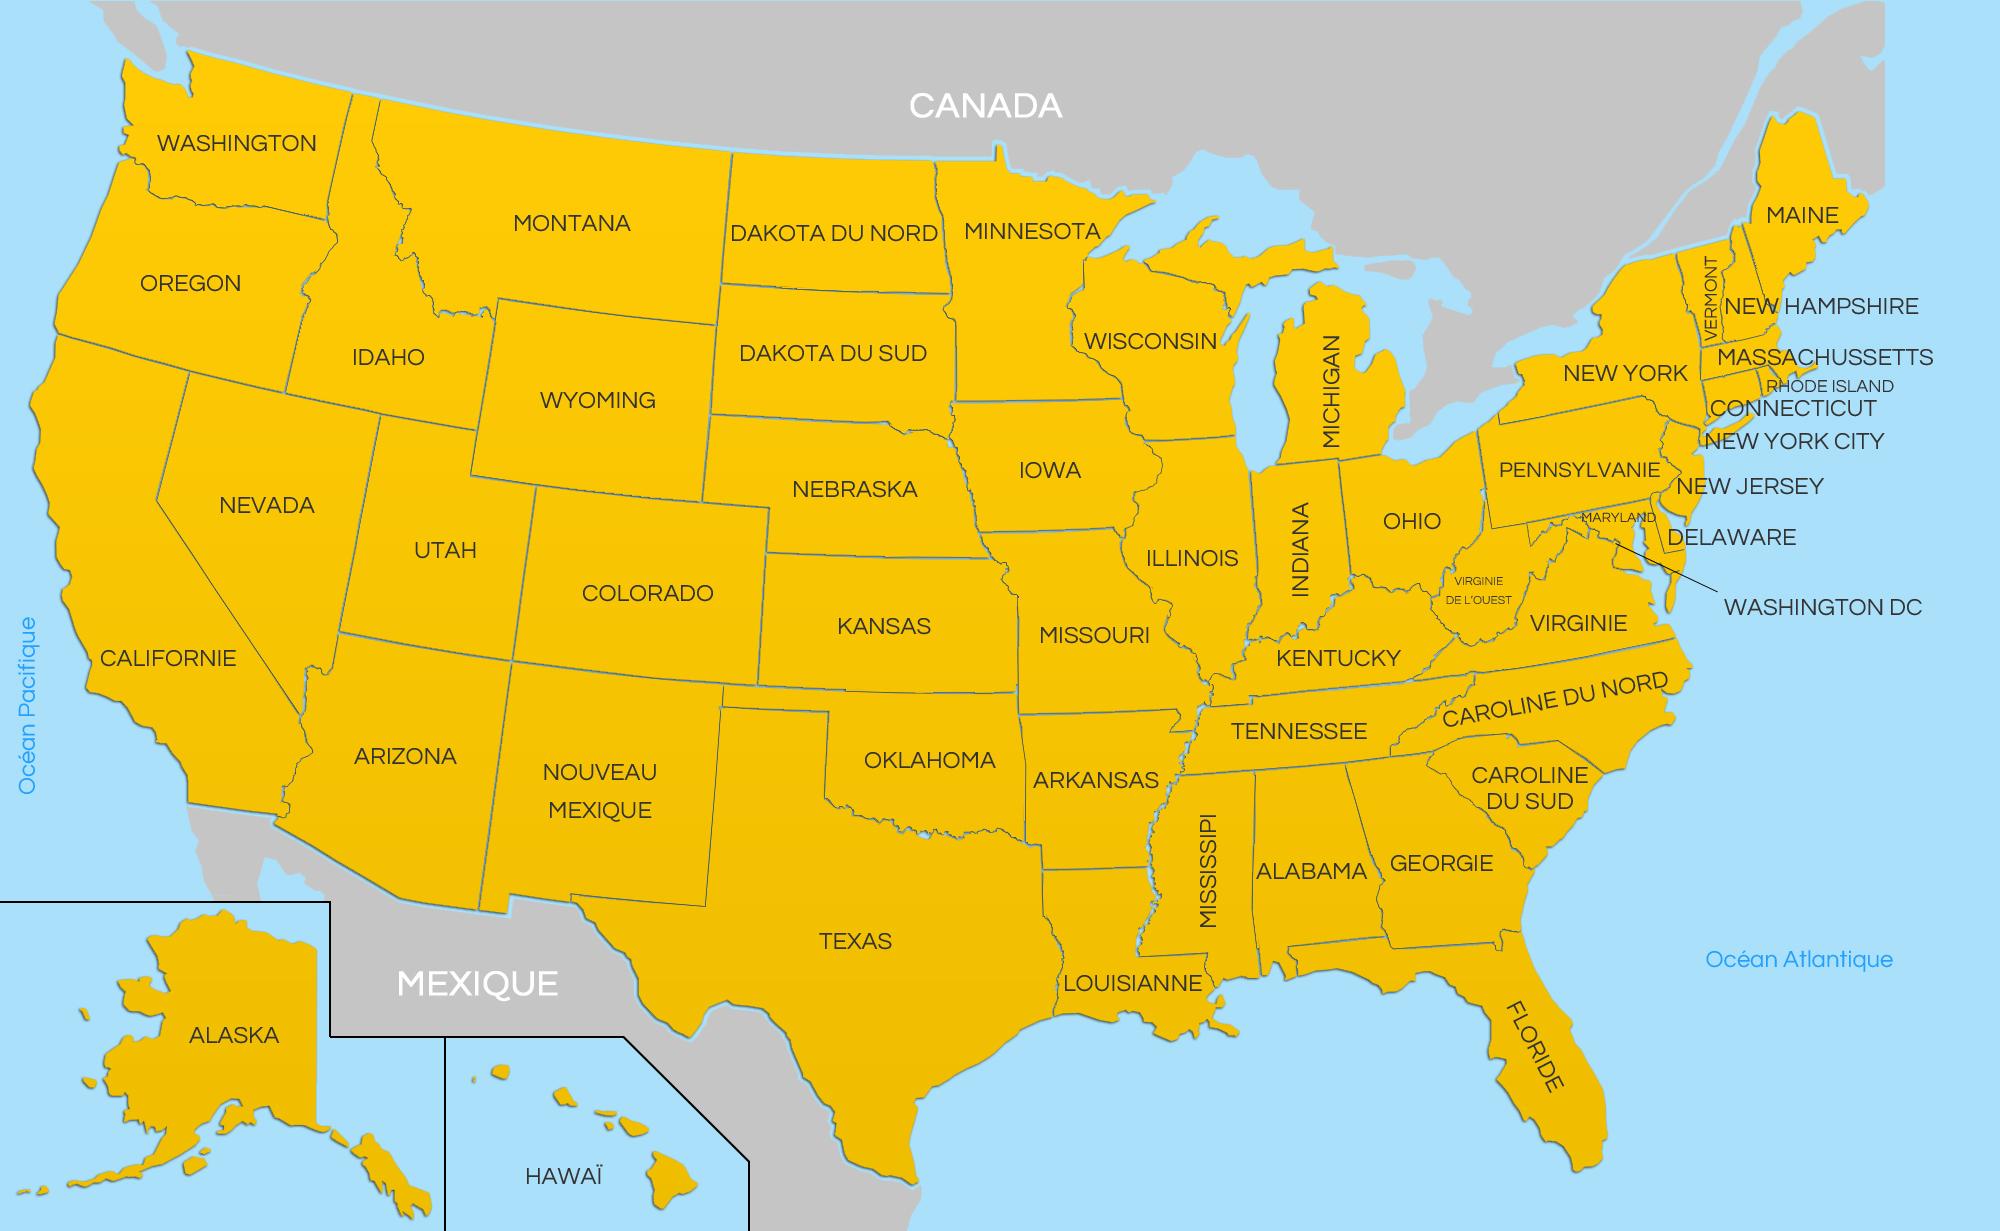 Carte Etats Unis Damerique.Les Etats Unis D Amerique 5 Once Upon A Time Chez Loneci